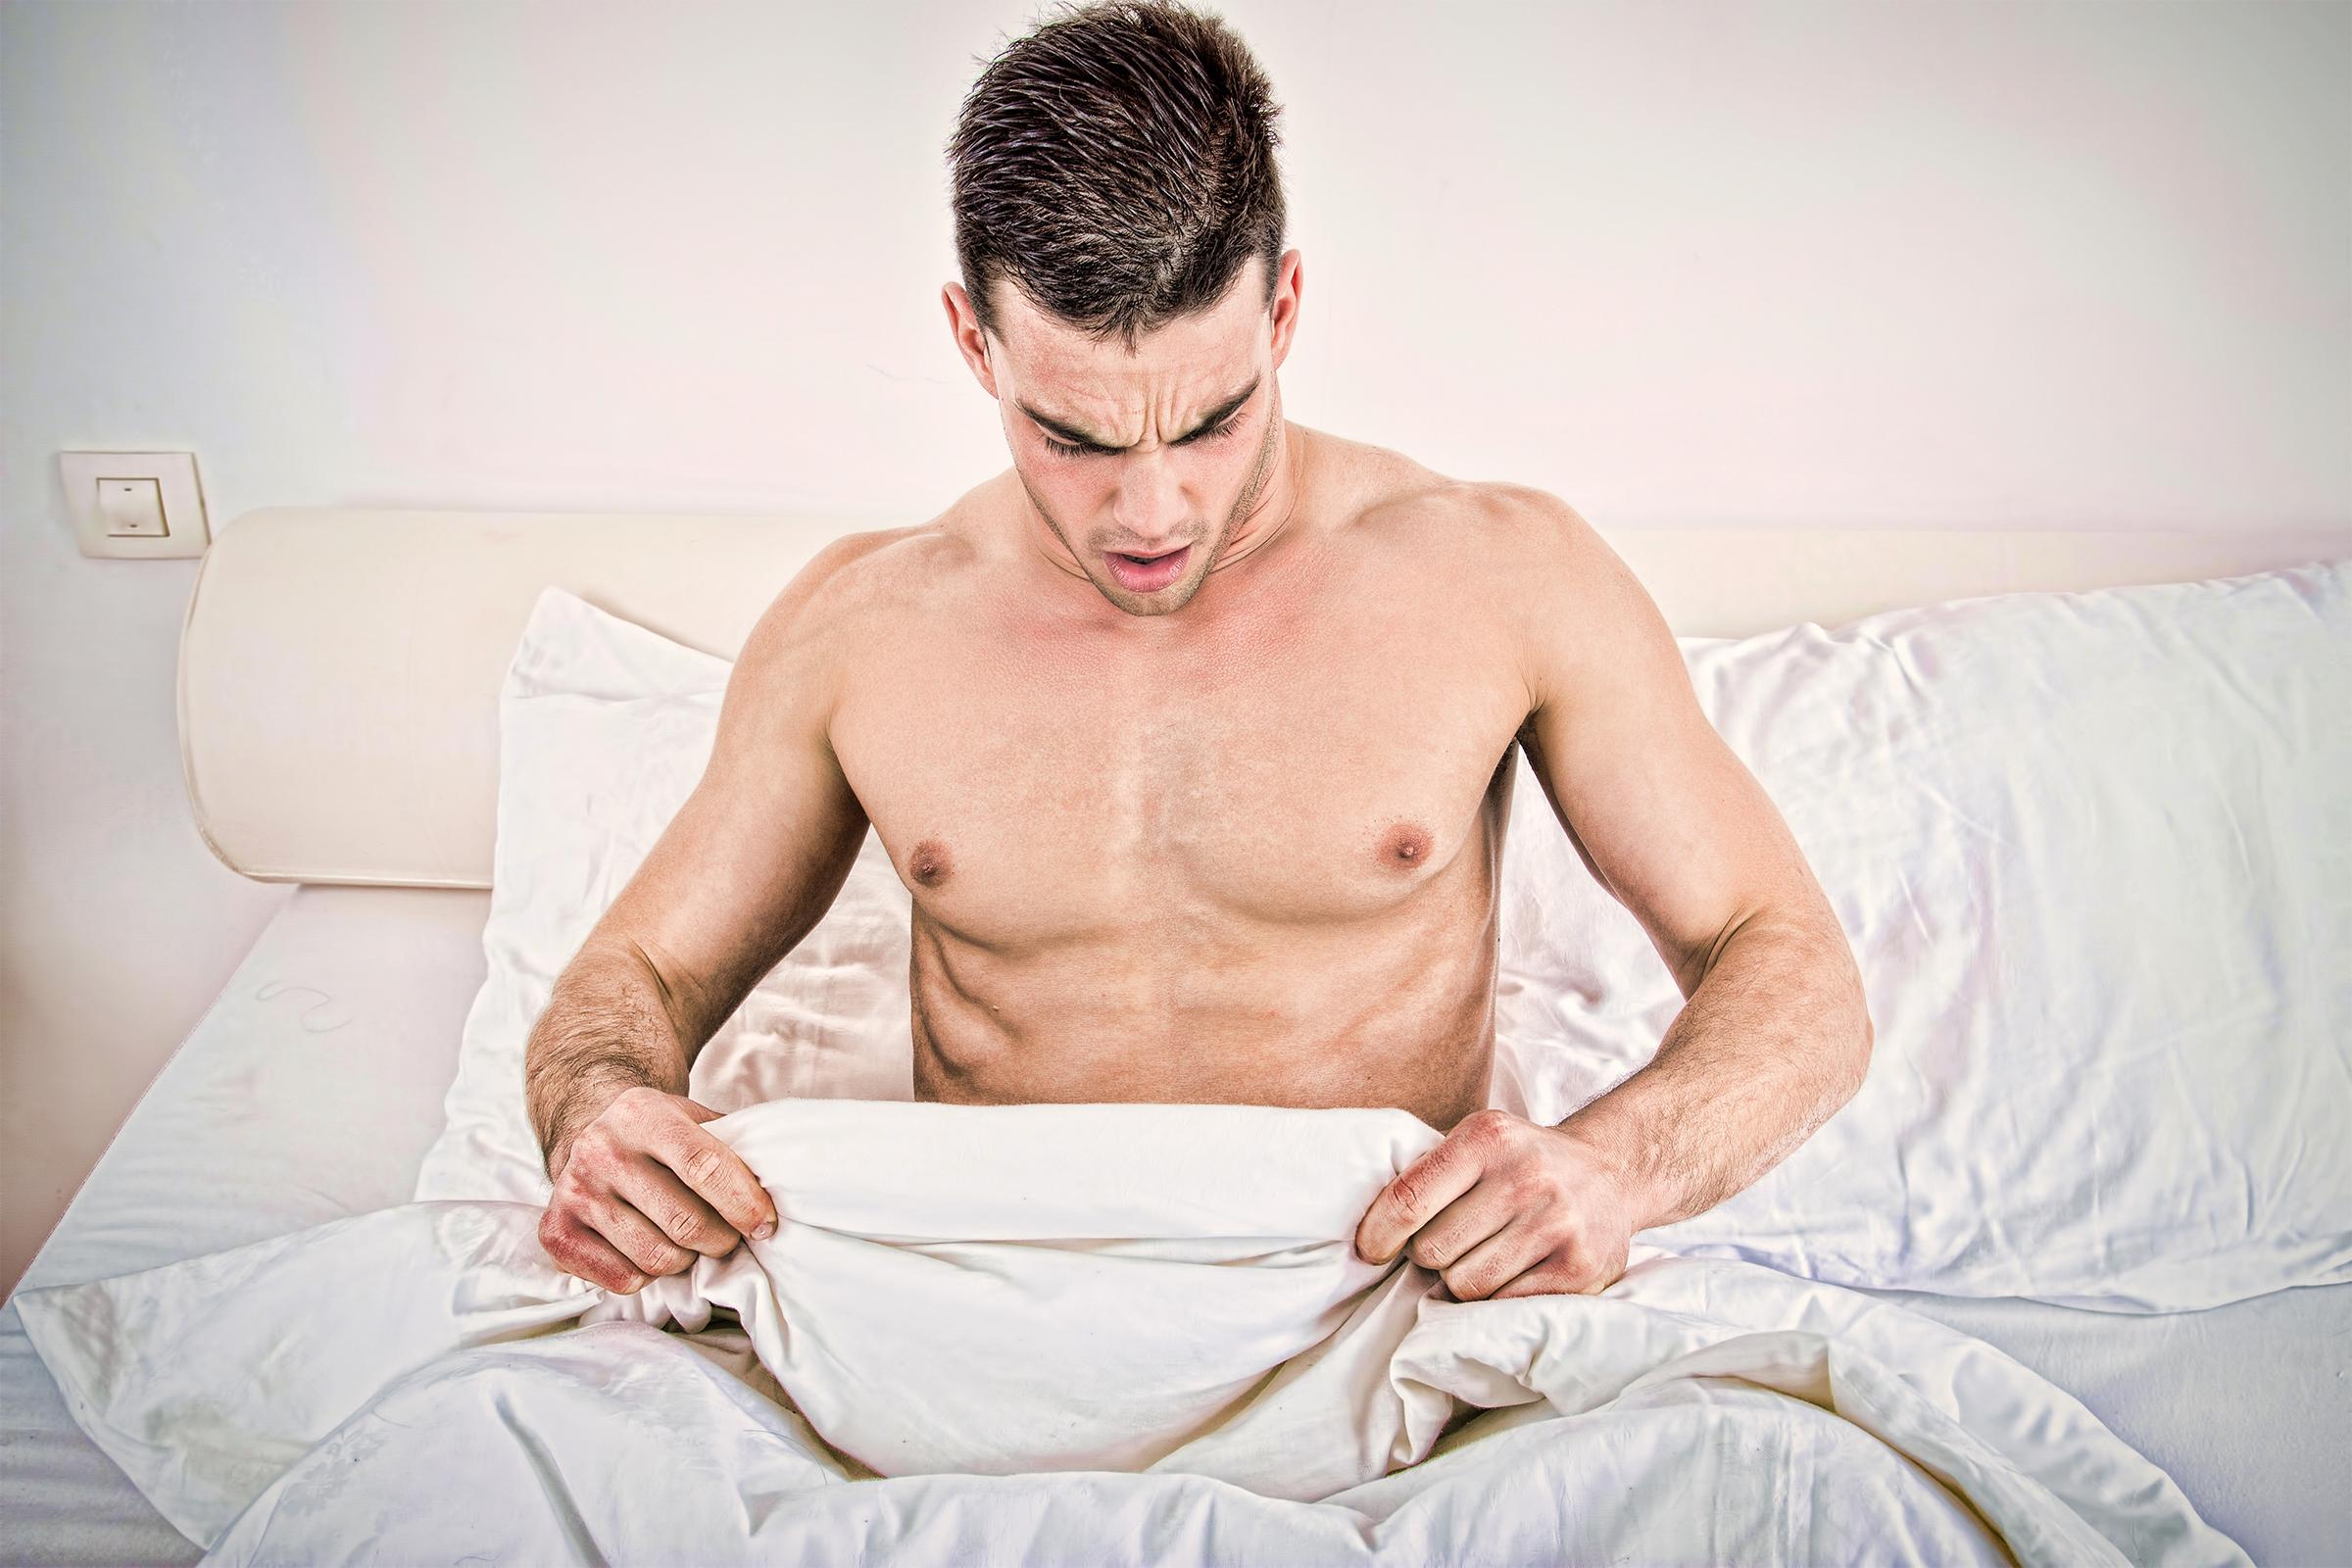 normális pénisz férfiak esik a pénisz felkel és leesik